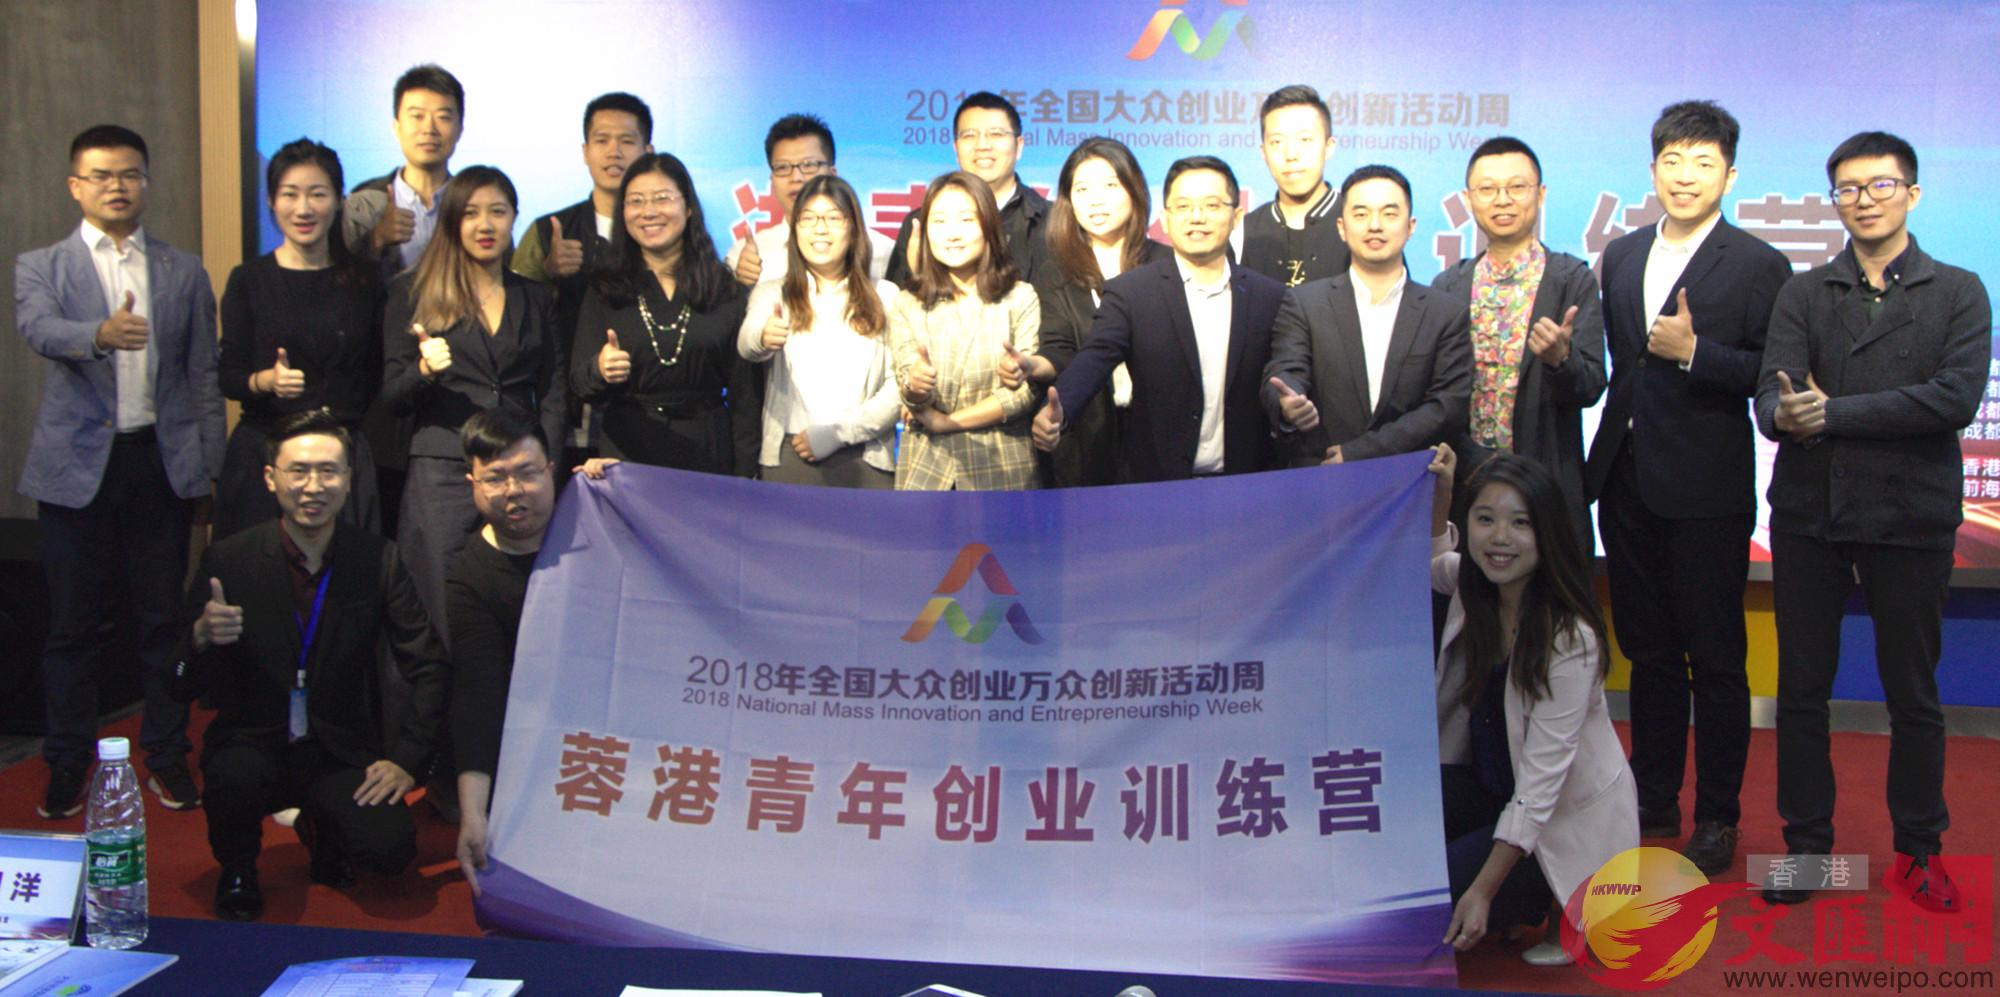 蓉港青年創業訓練營營員與嘉賓合影。(記者 李兵 攝)